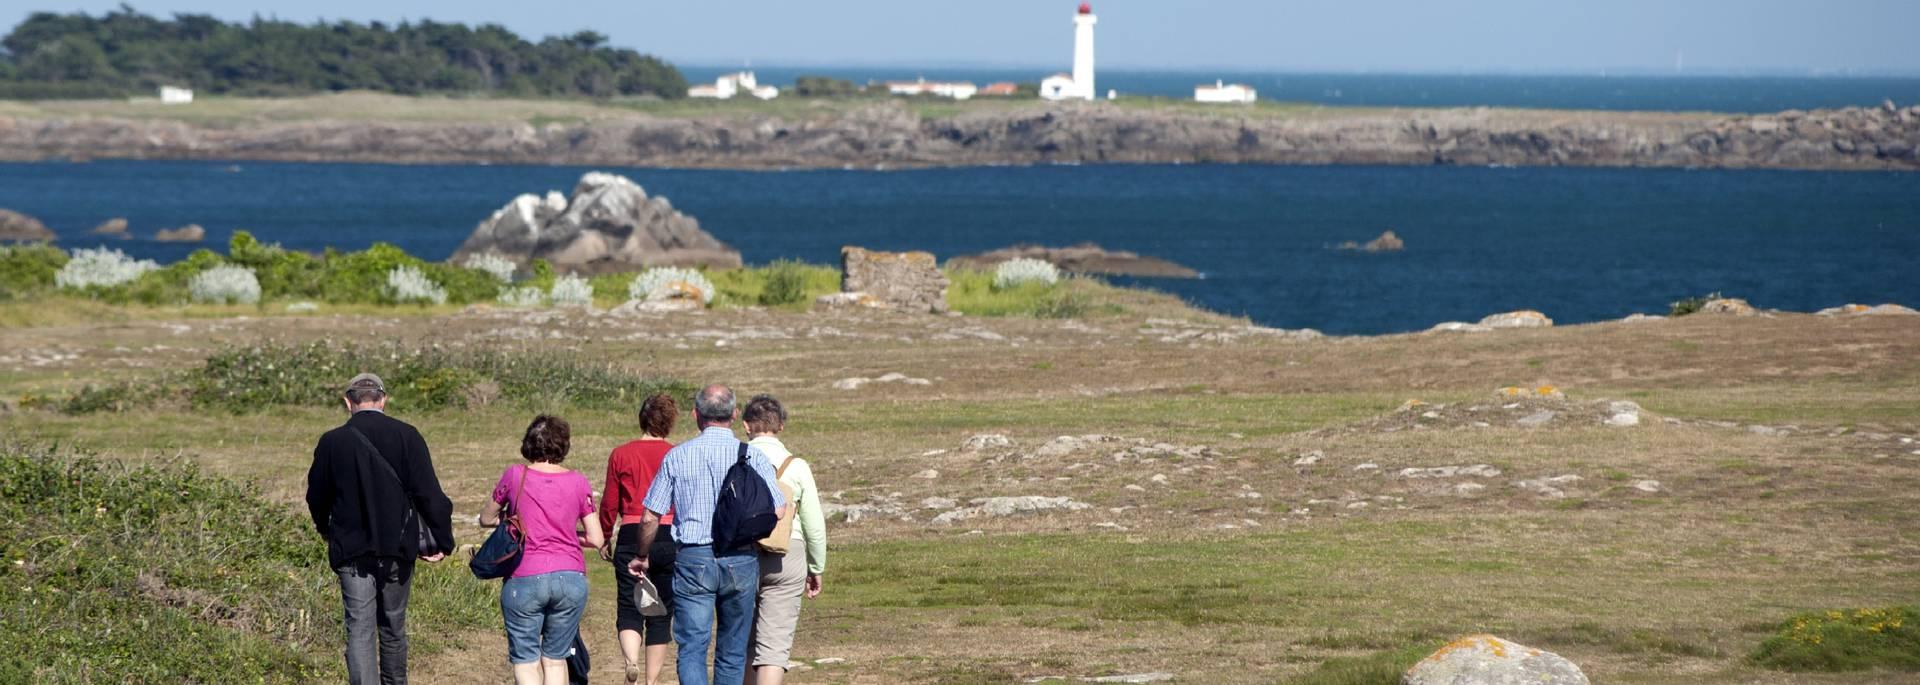 Pointe des Corbeaux, Ile d'Yeu